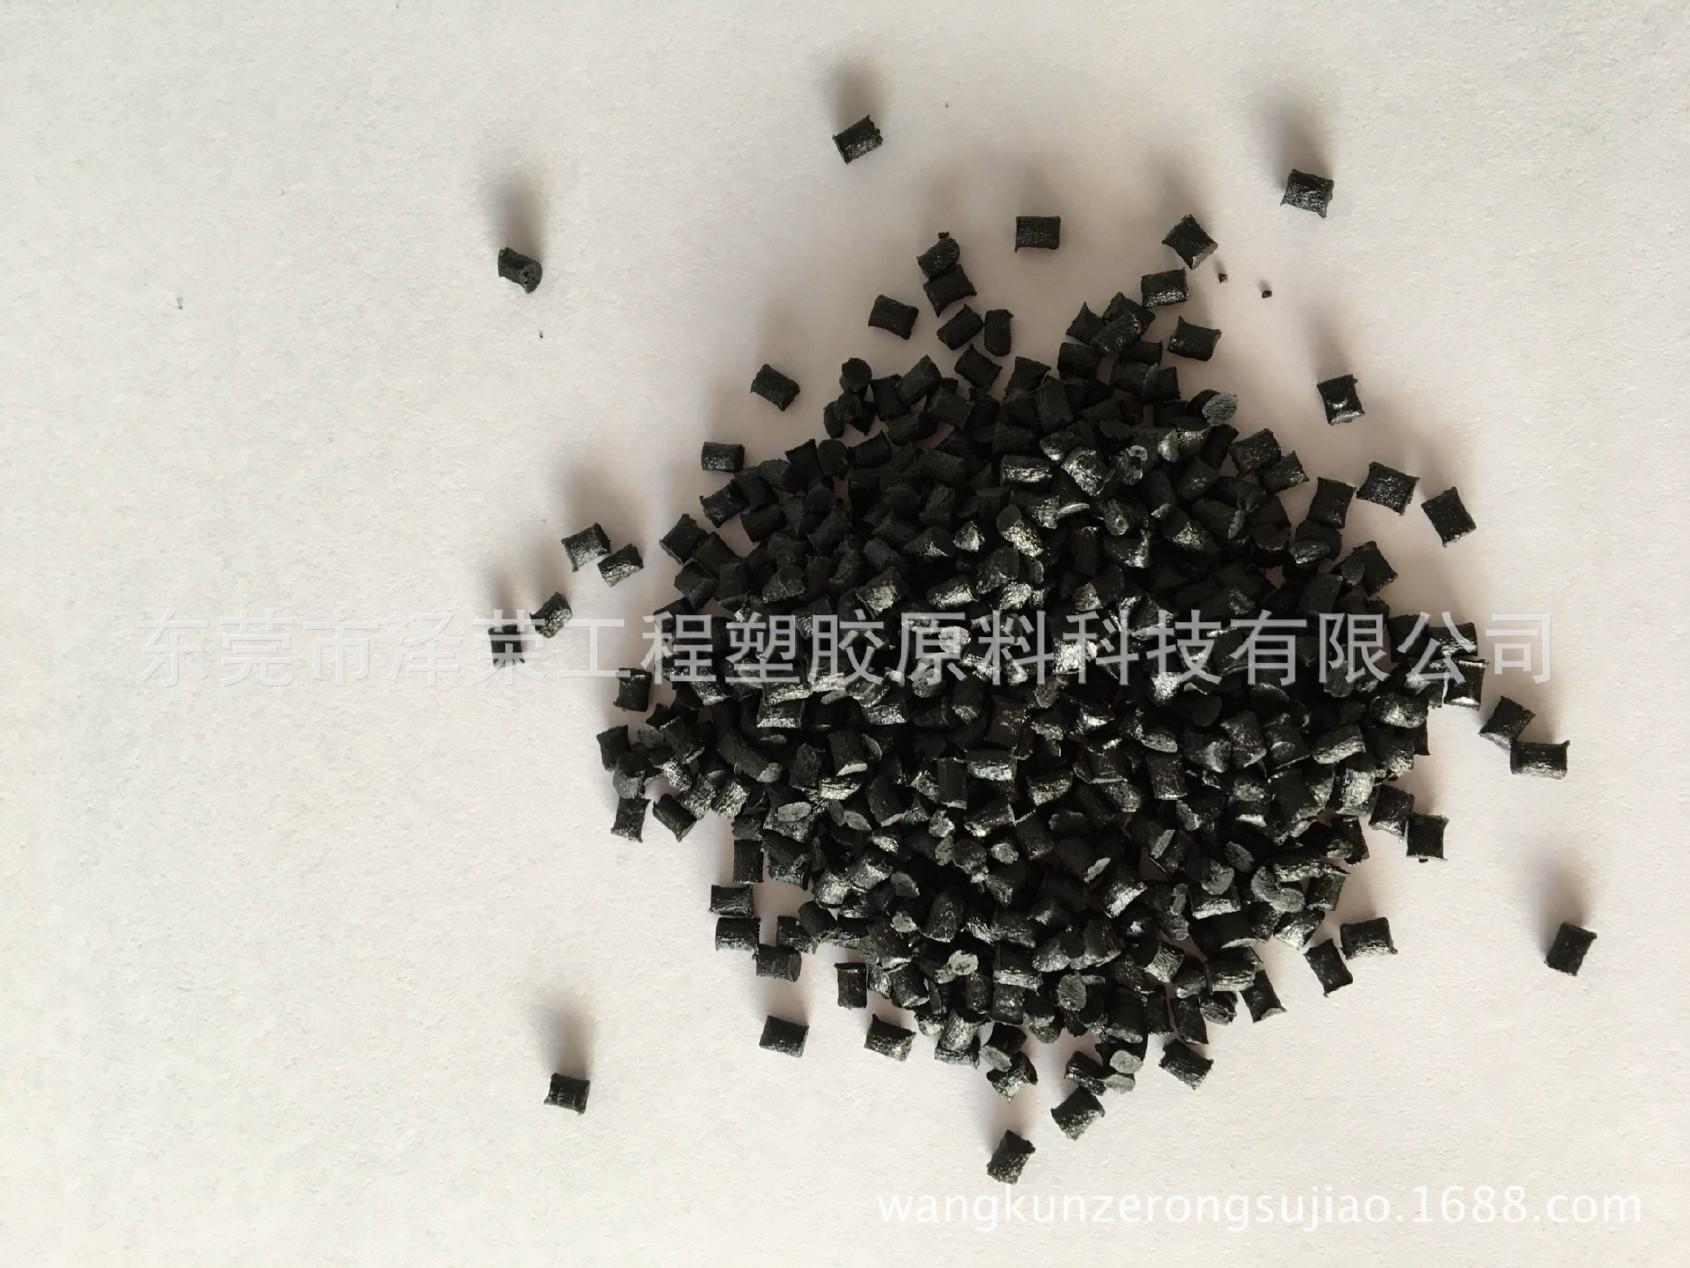 PES黑色阻燃加纤10% 耐高温,耐酸碱,耐腐蚀,增强塑料